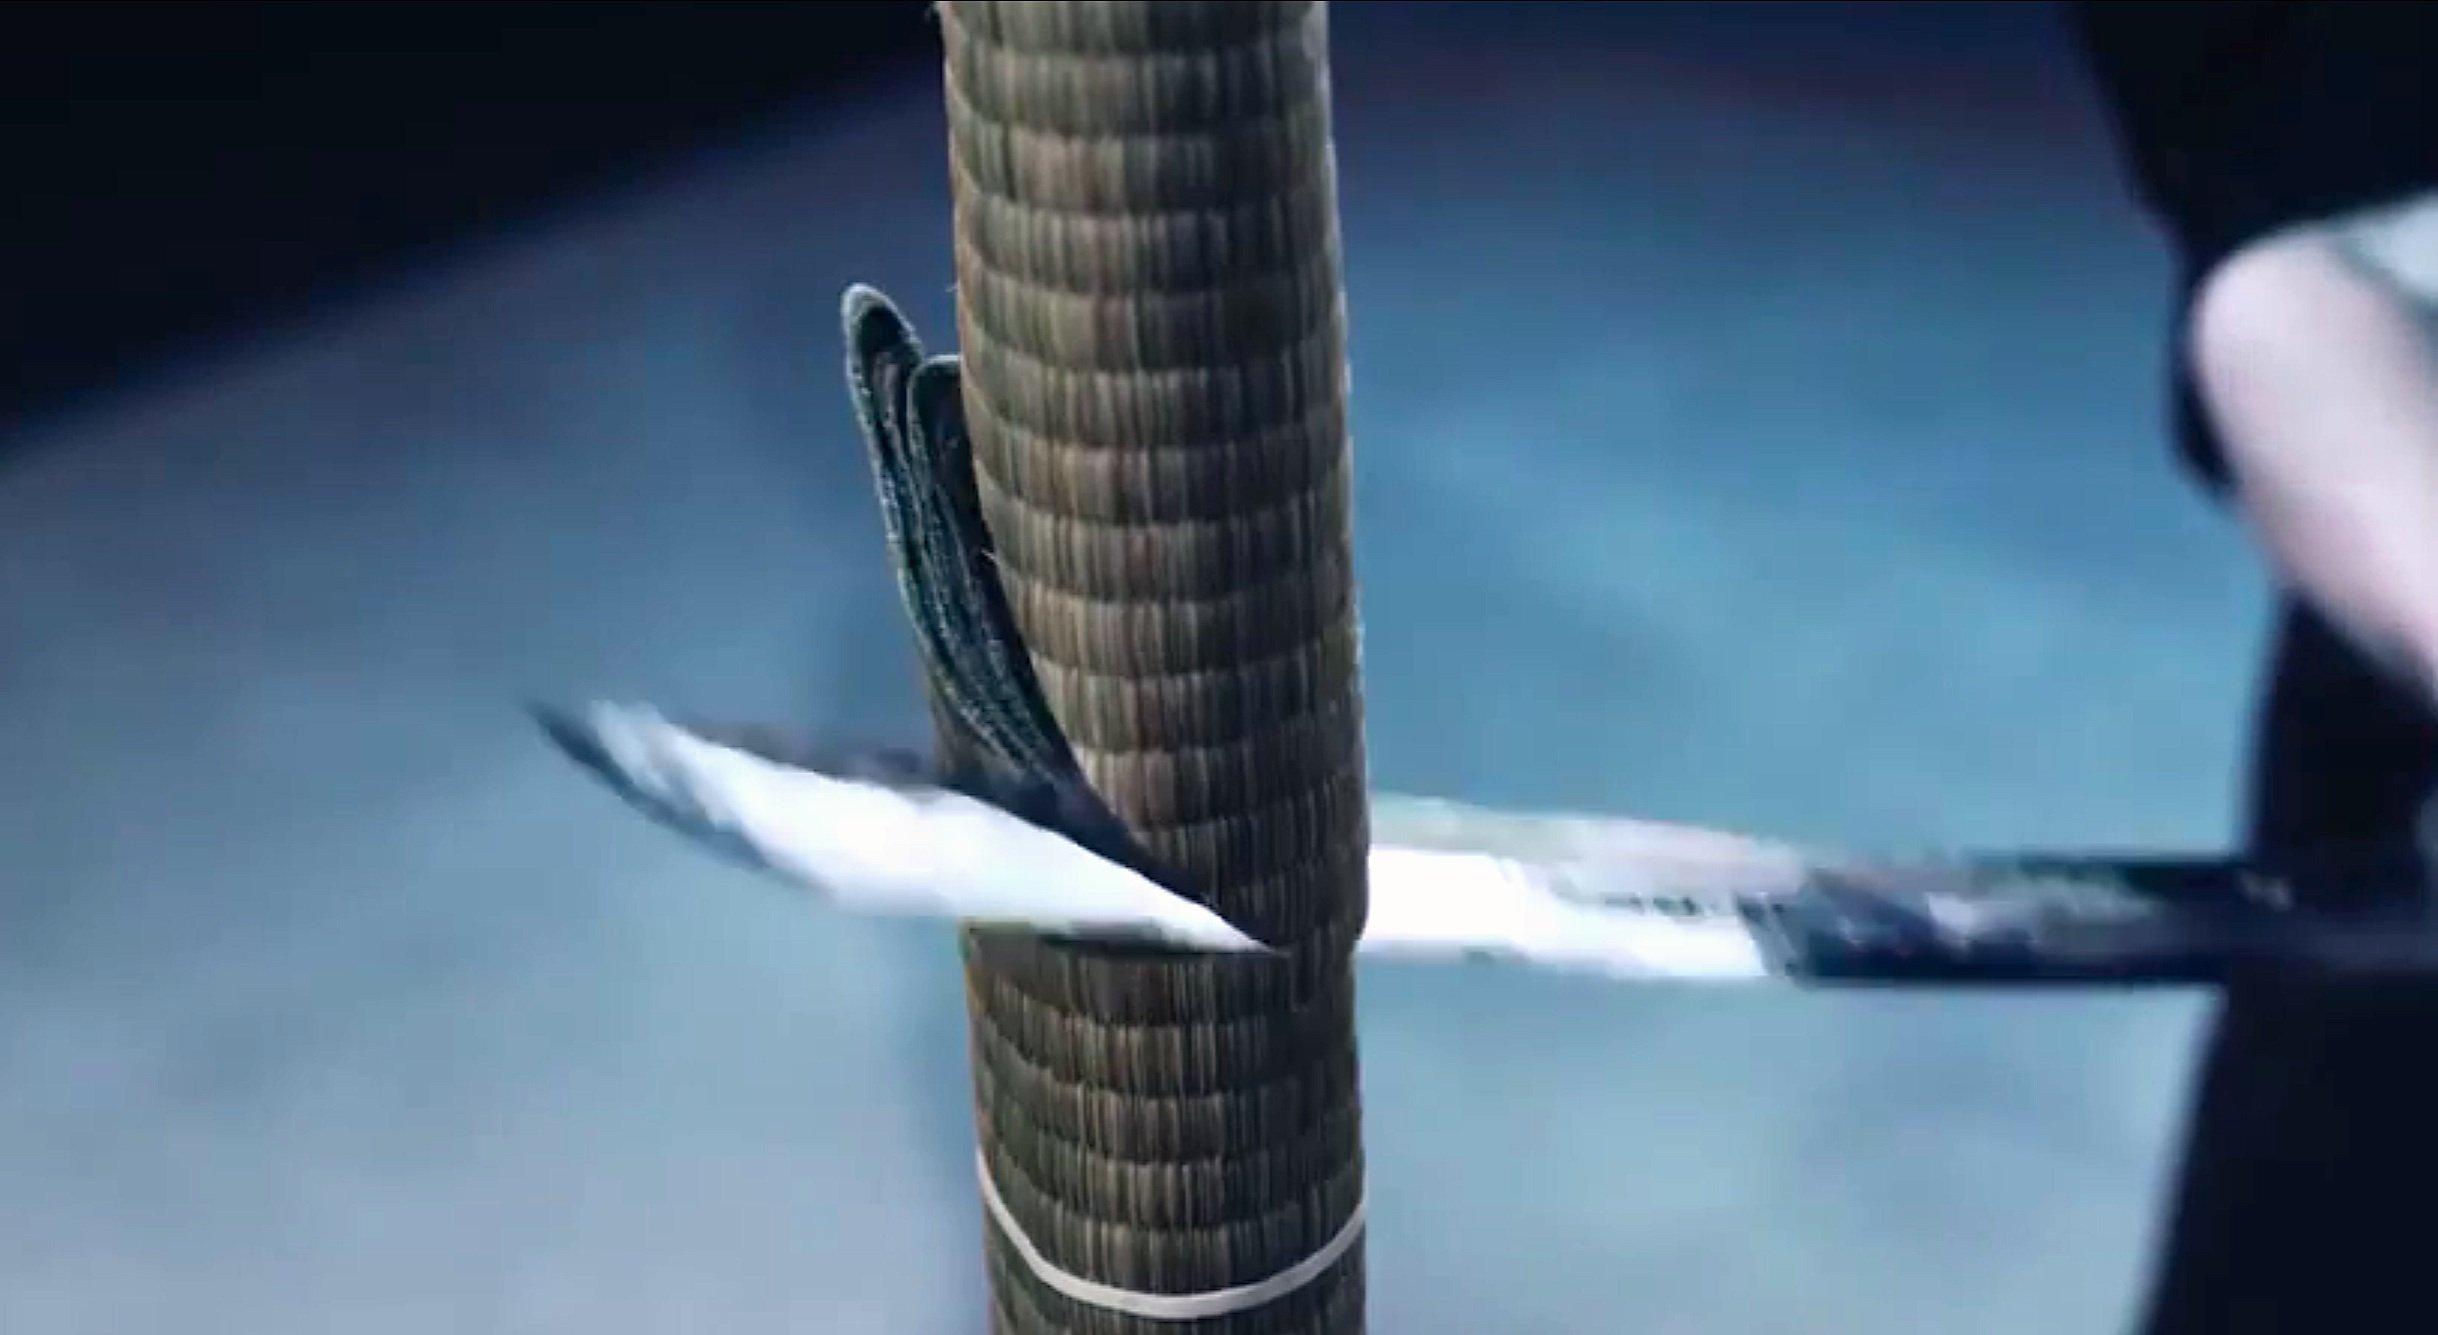 Diagonalschnitt mit einem Samurai-Schwert von SchwertmeisterIsao Machiidurch eine zusammengerollte Bastmatte.